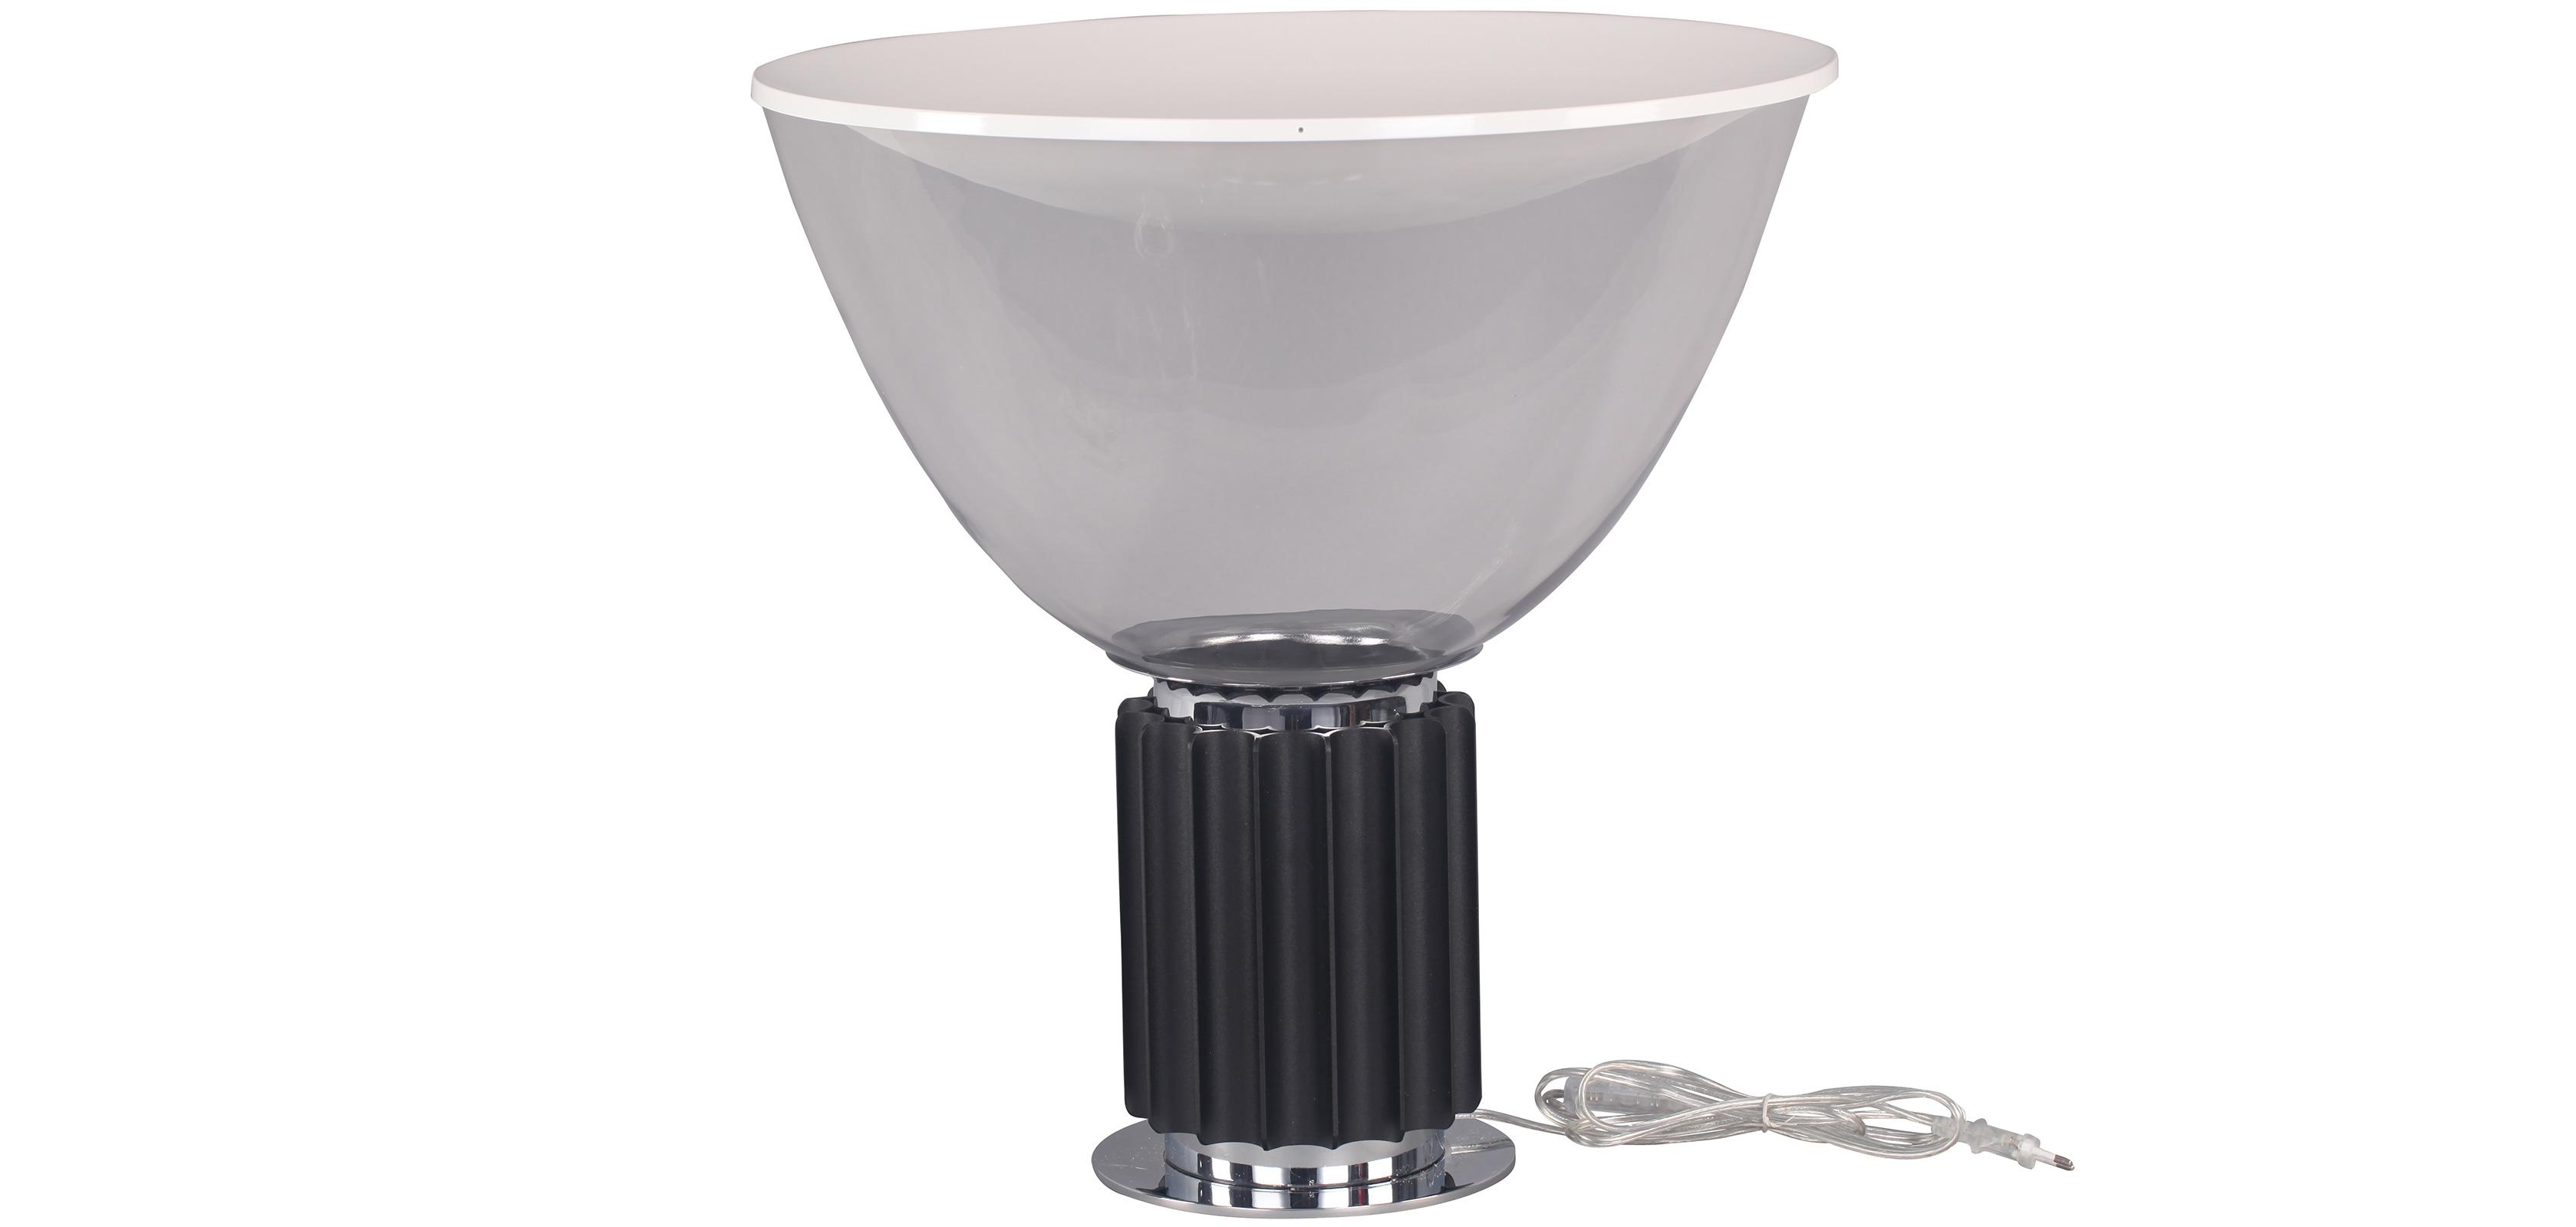 lampada taccia achille castiglioni vetro